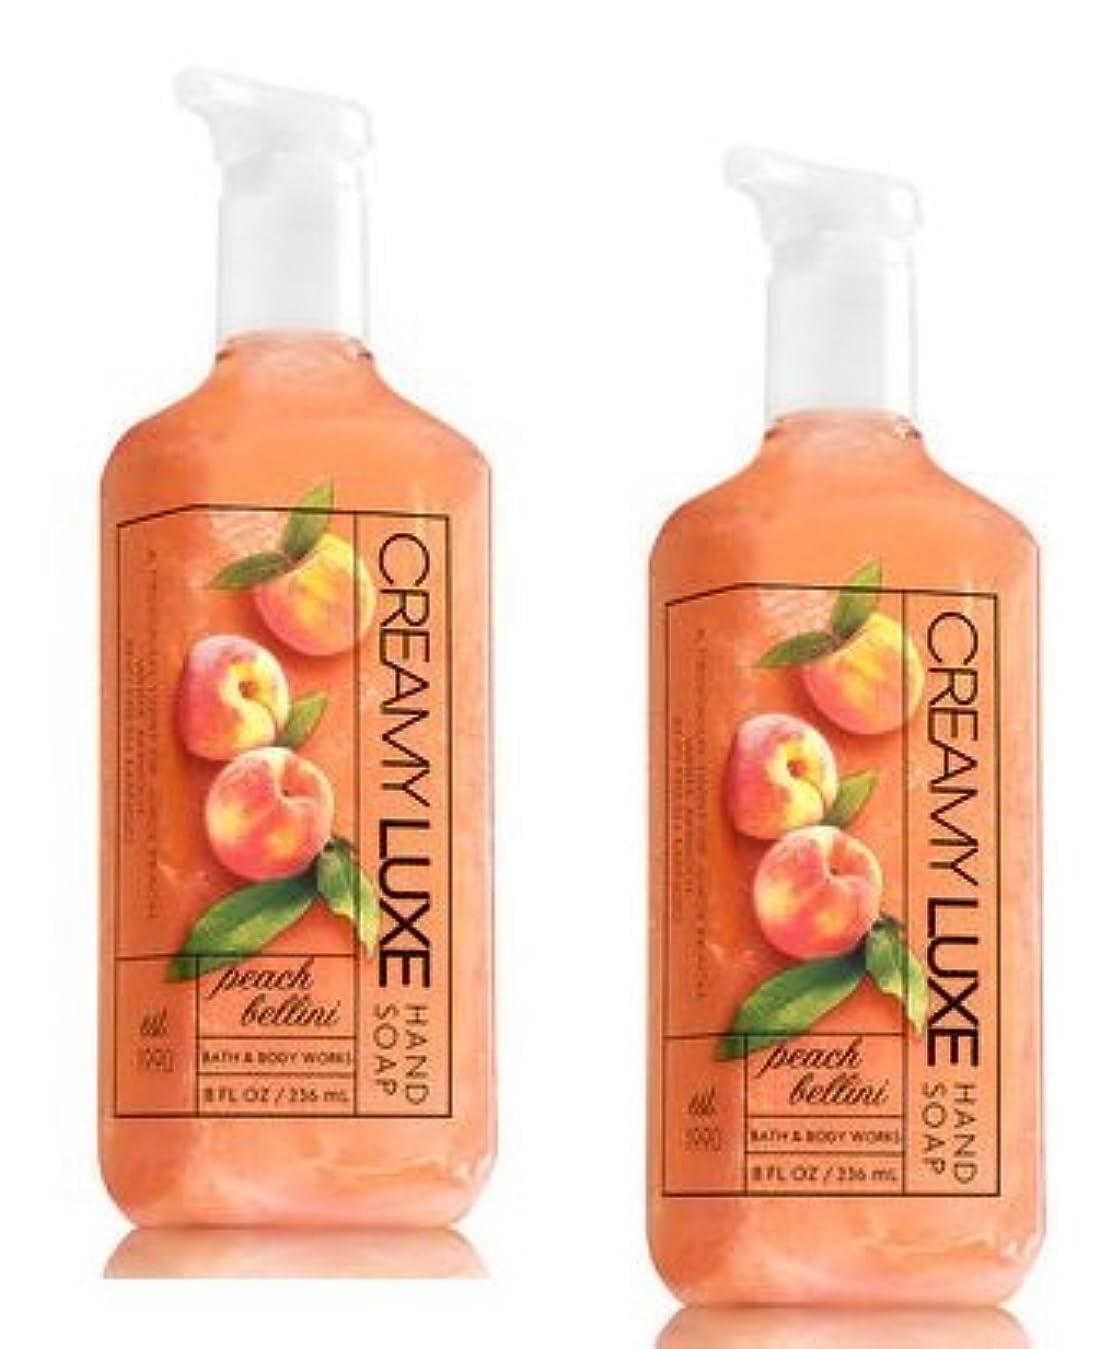 混沌クレーン加速度Bath & Body Works ピーチベリーニ クリーミー リュクス ハンドソープ 2本セット PEACH BELLINI Creamy Luxe Hand Soap. 8 oz 236ml [並行輸入品]